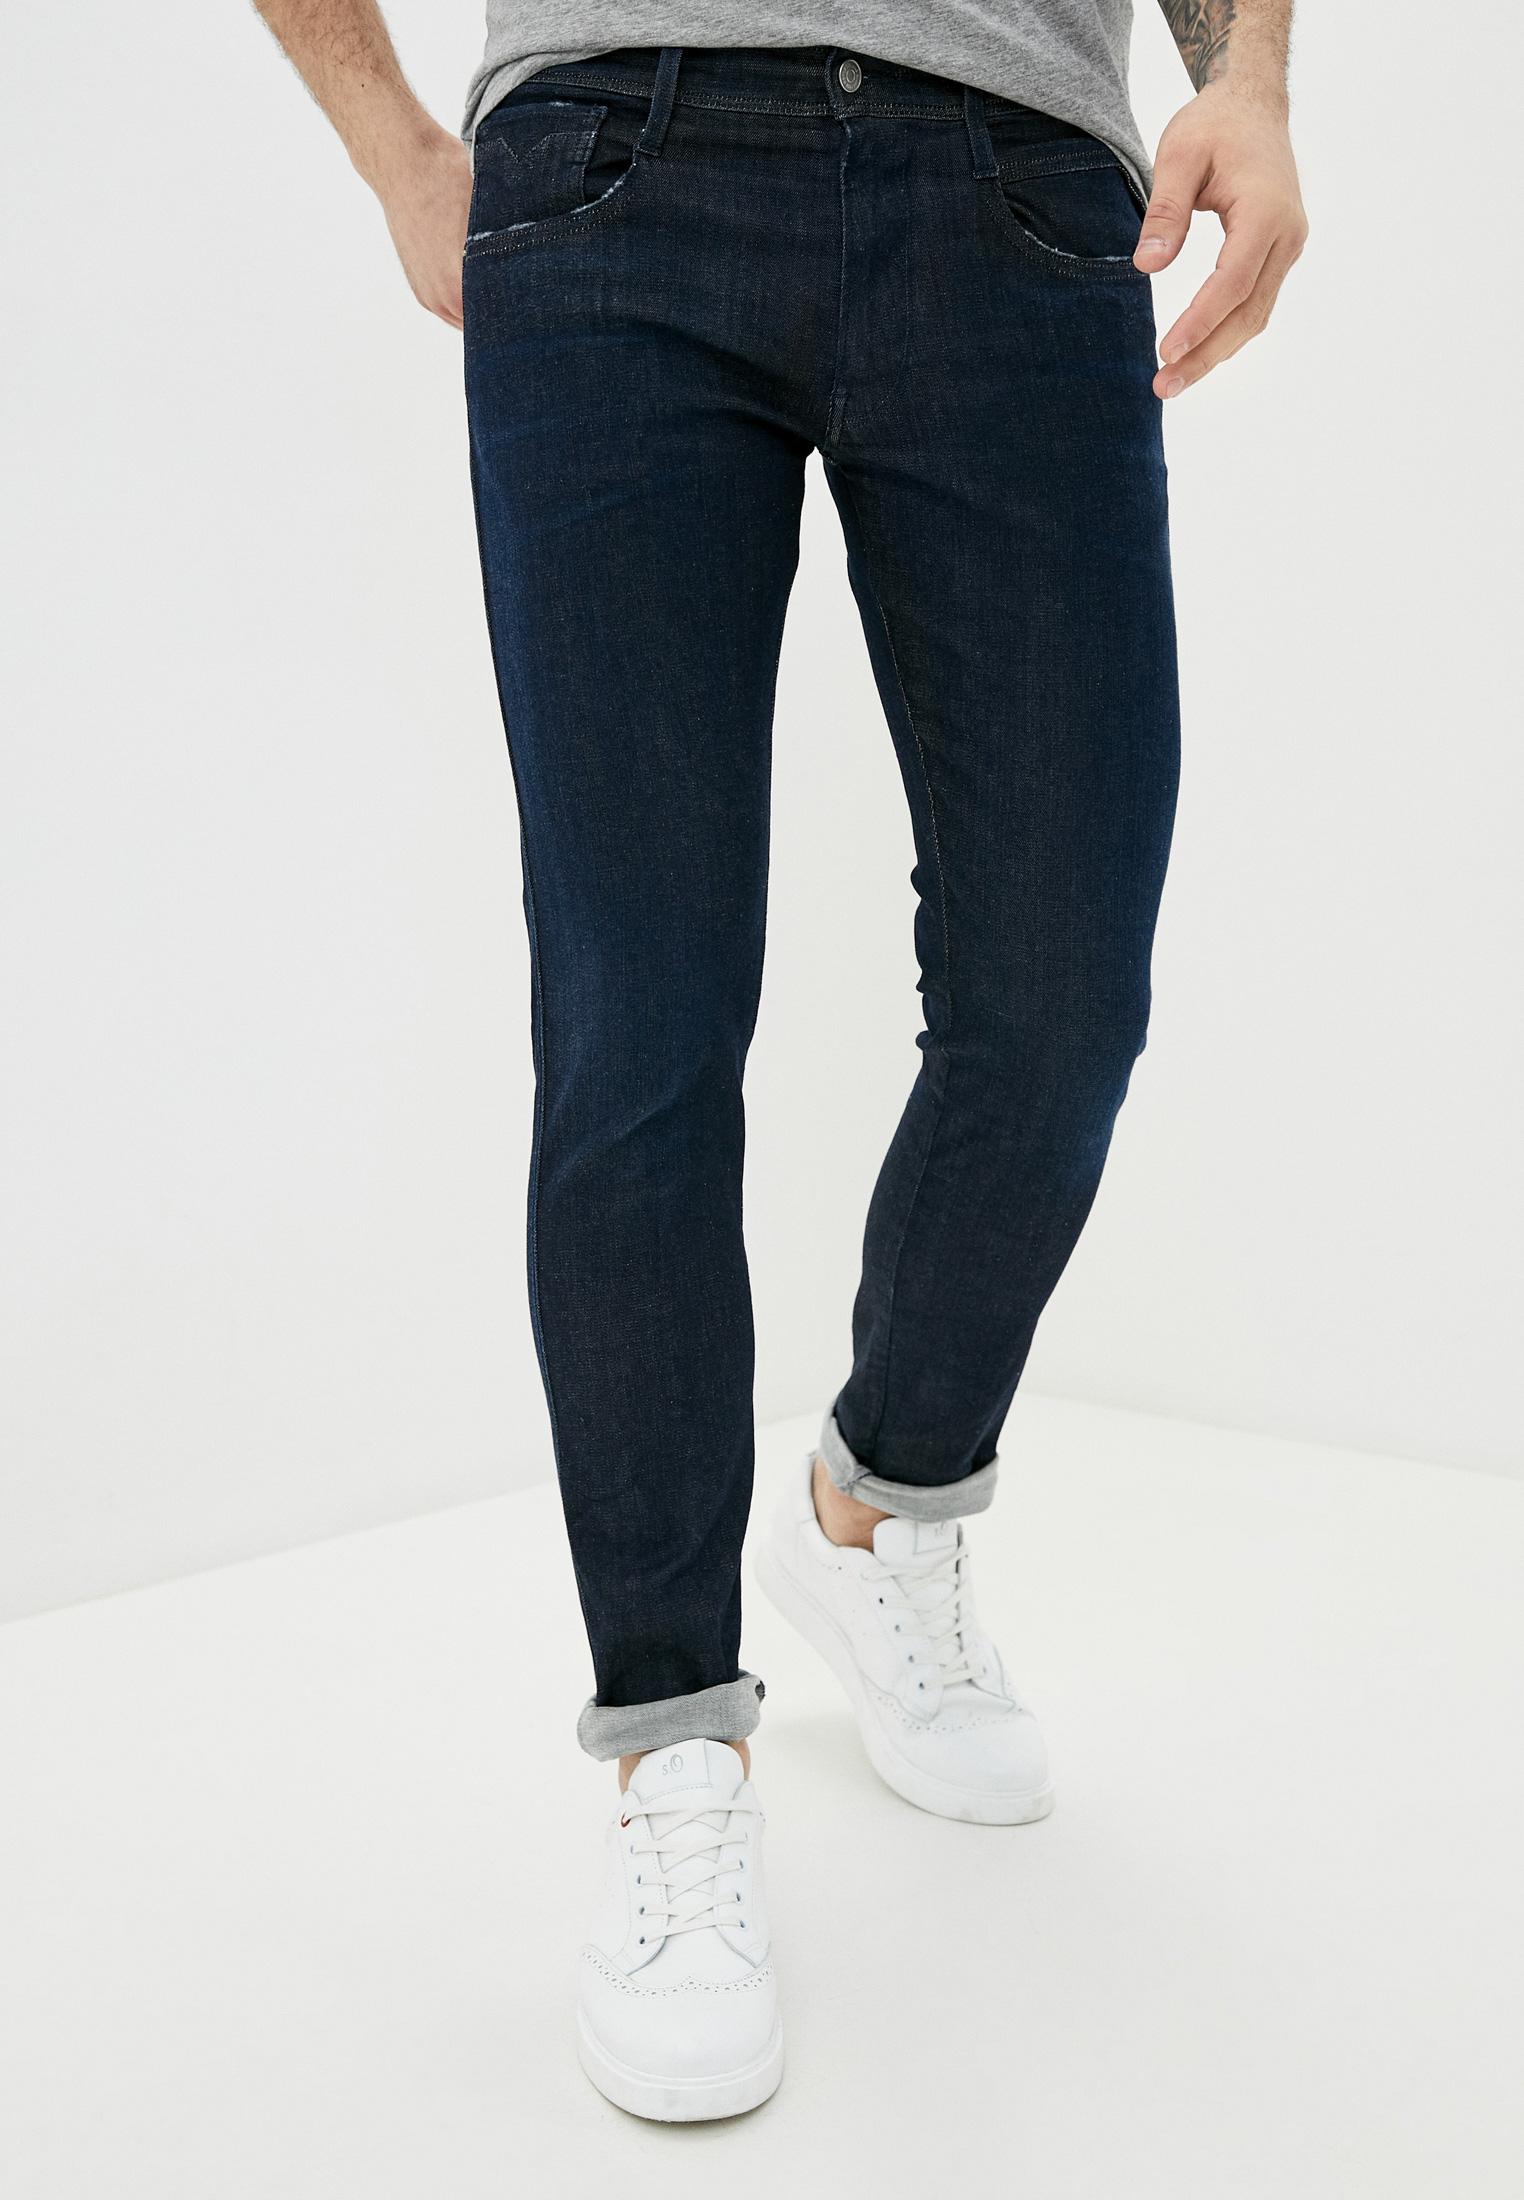 Зауженные джинсы Replay (Реплей) M914.000.661E03